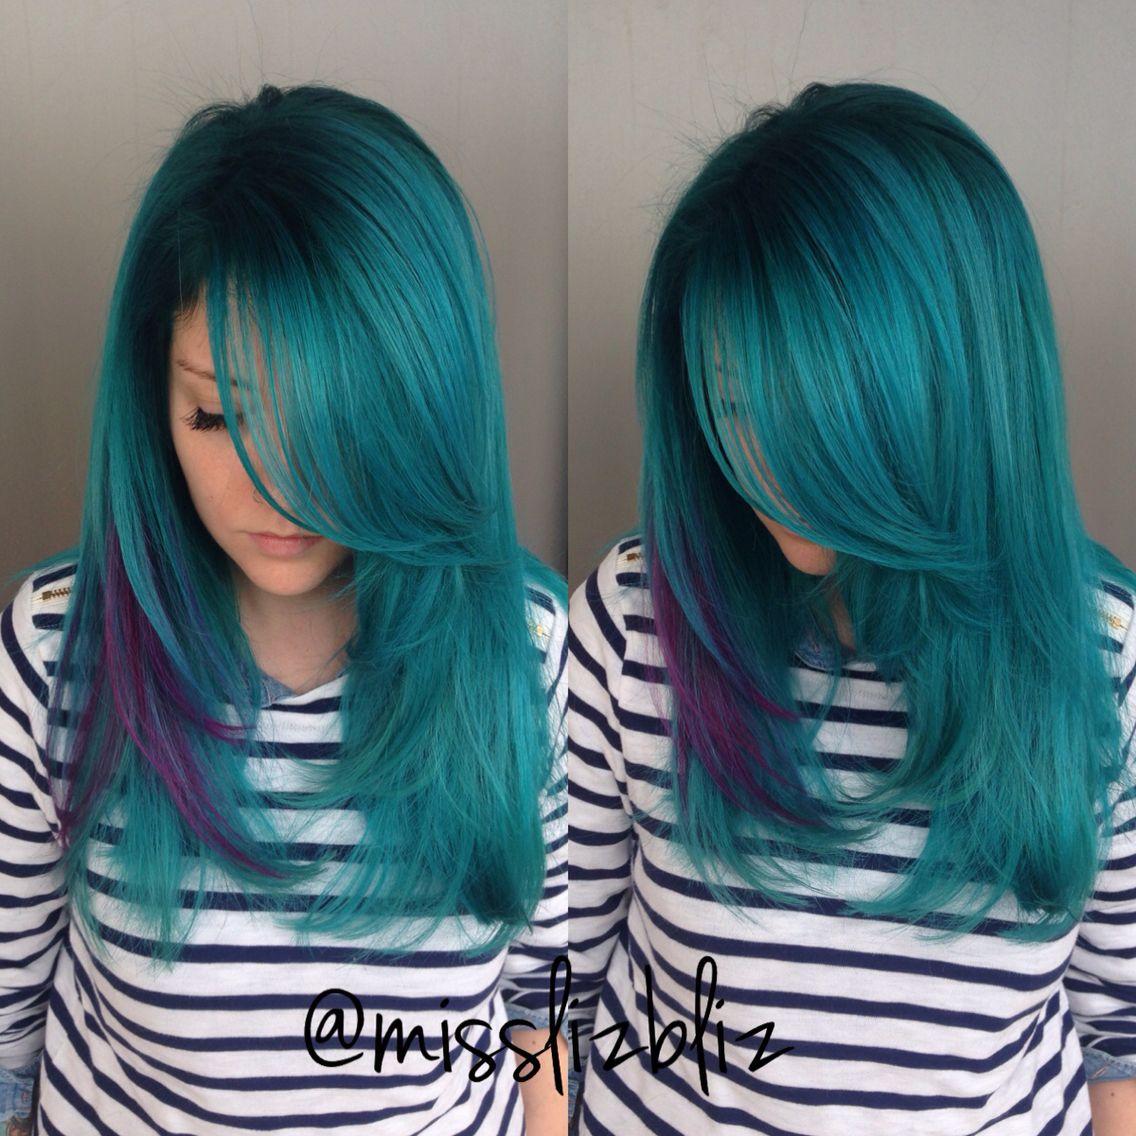 Mermaid hair hair styles pinterest mermaid hair coloring and